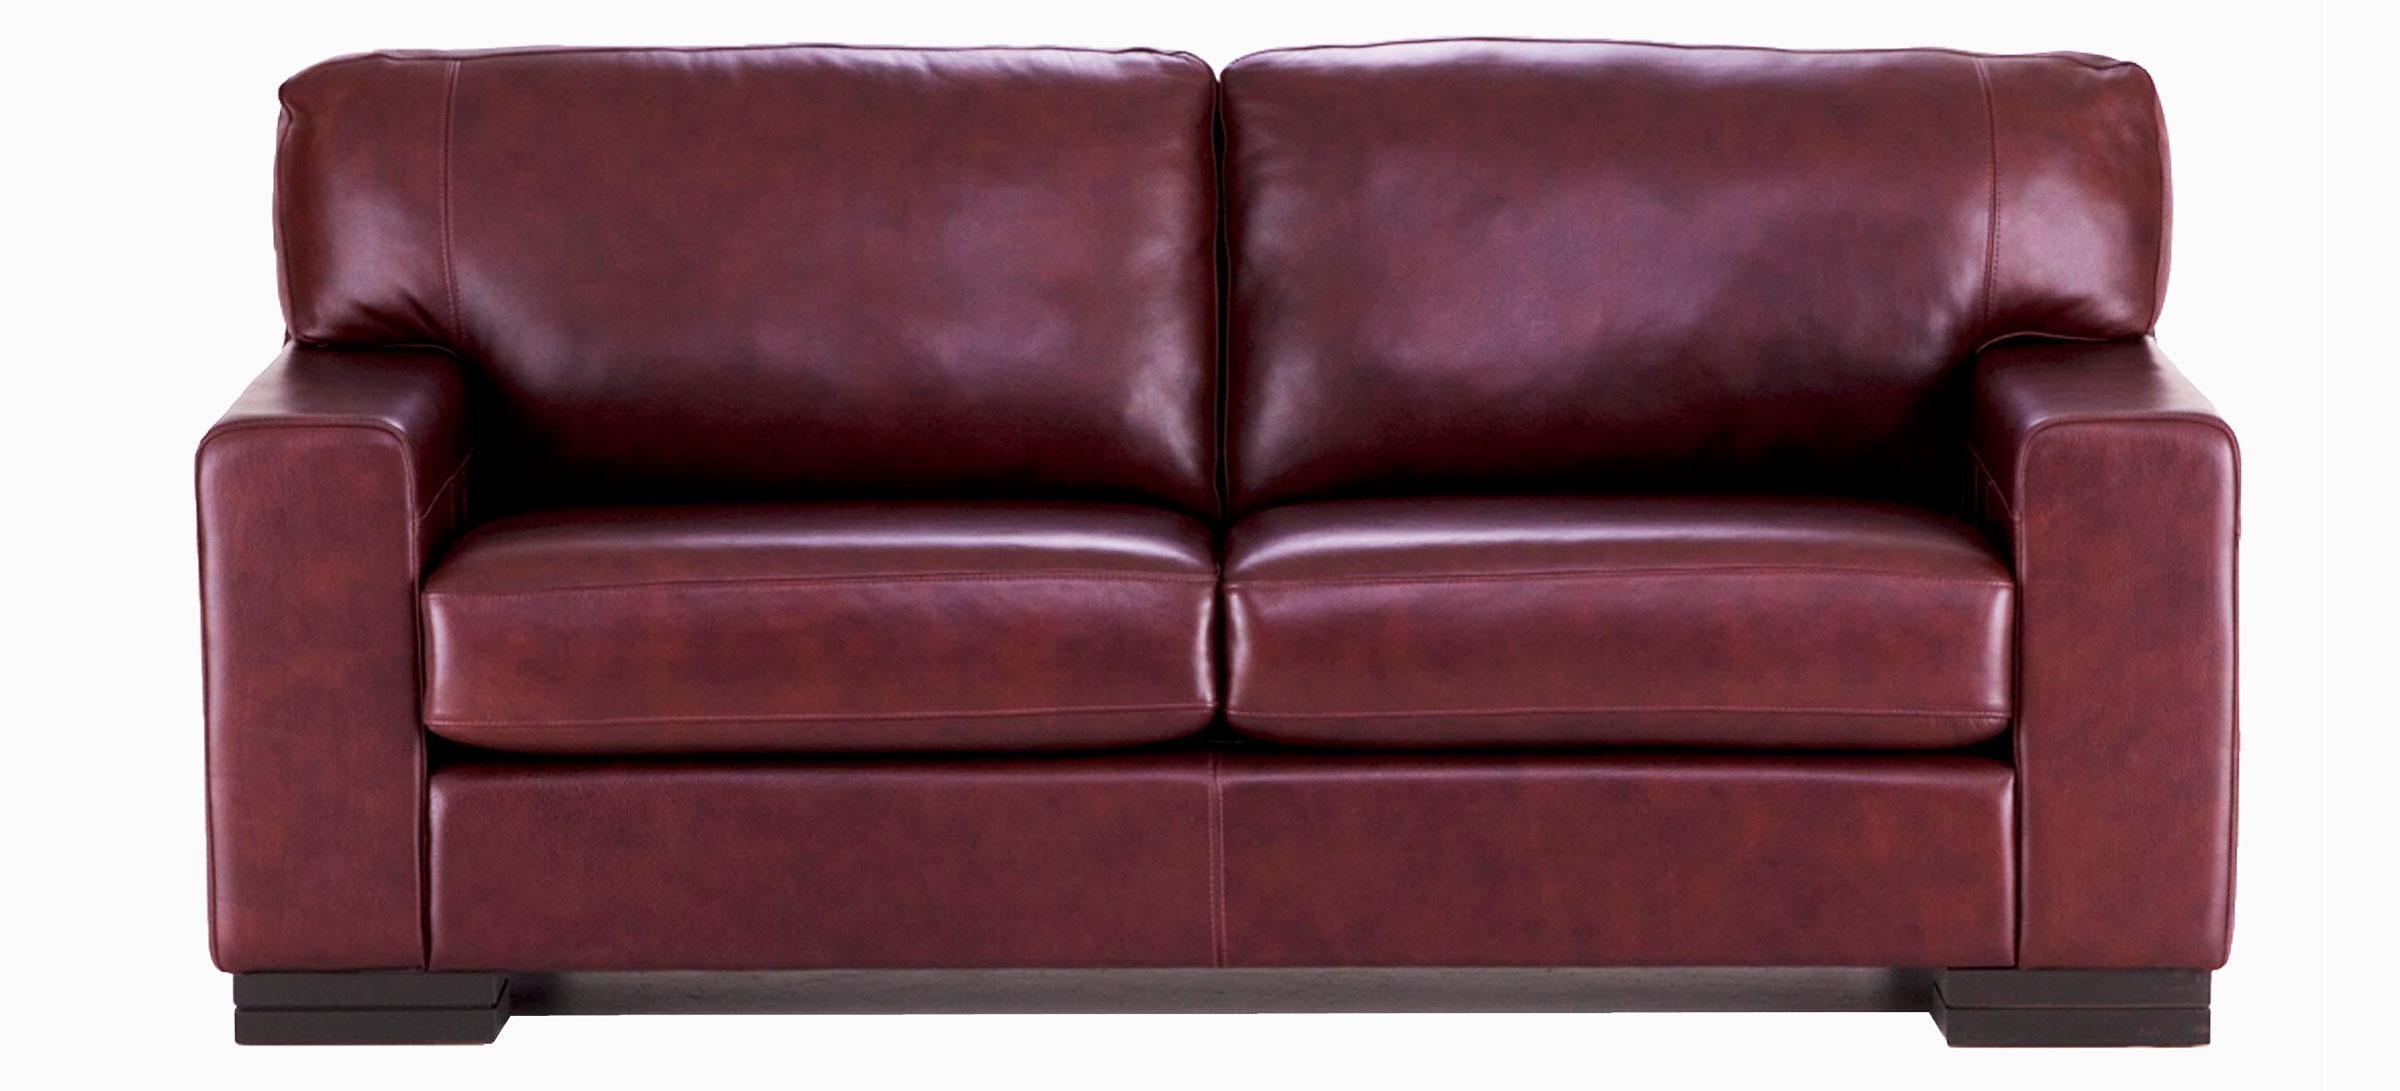 Condo Size Sofa With Inspiration Hd Photos 38275 | Kengire Regarding Condo Size Sofas (Image 14 of 20)